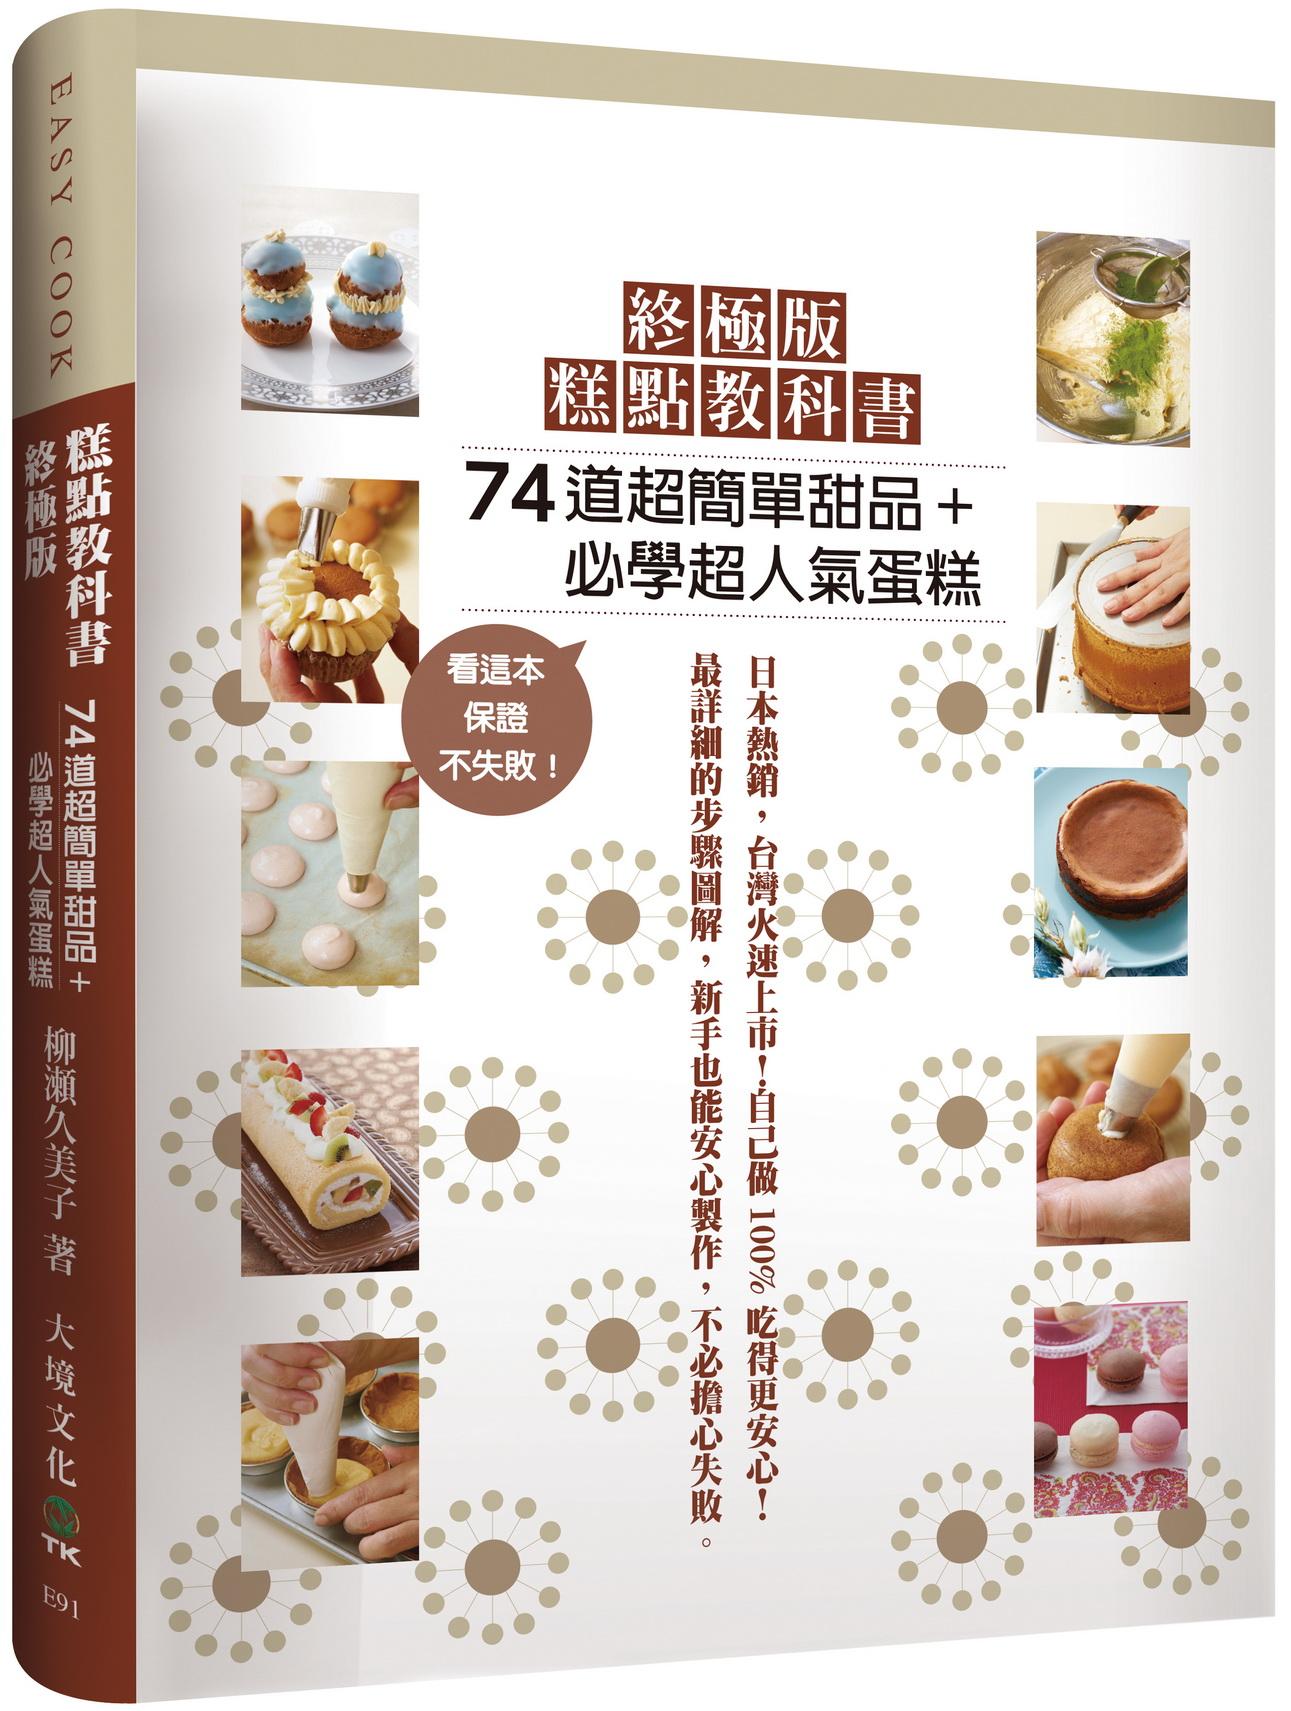 終極版糕點教科書:74道超簡單甜品到必學超人氣蛋糕,超過1000張步驟圖解,有這本保證不失敗!